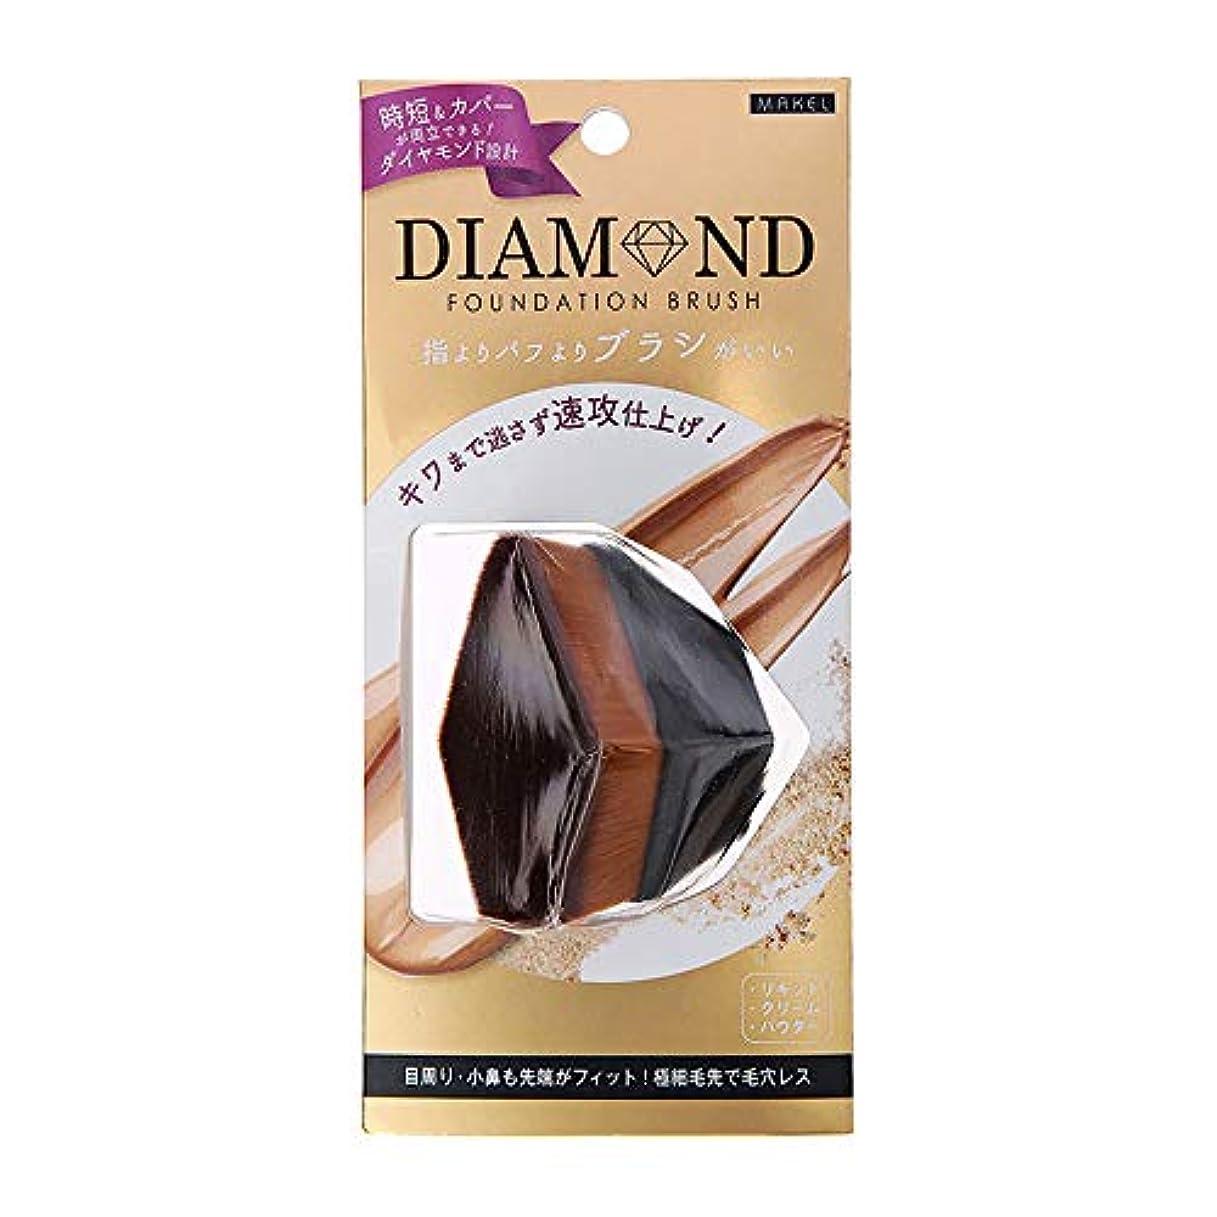 マナーに話す不倫ダイヤモンドファンデーションブラシ(ブラック) DIB1500